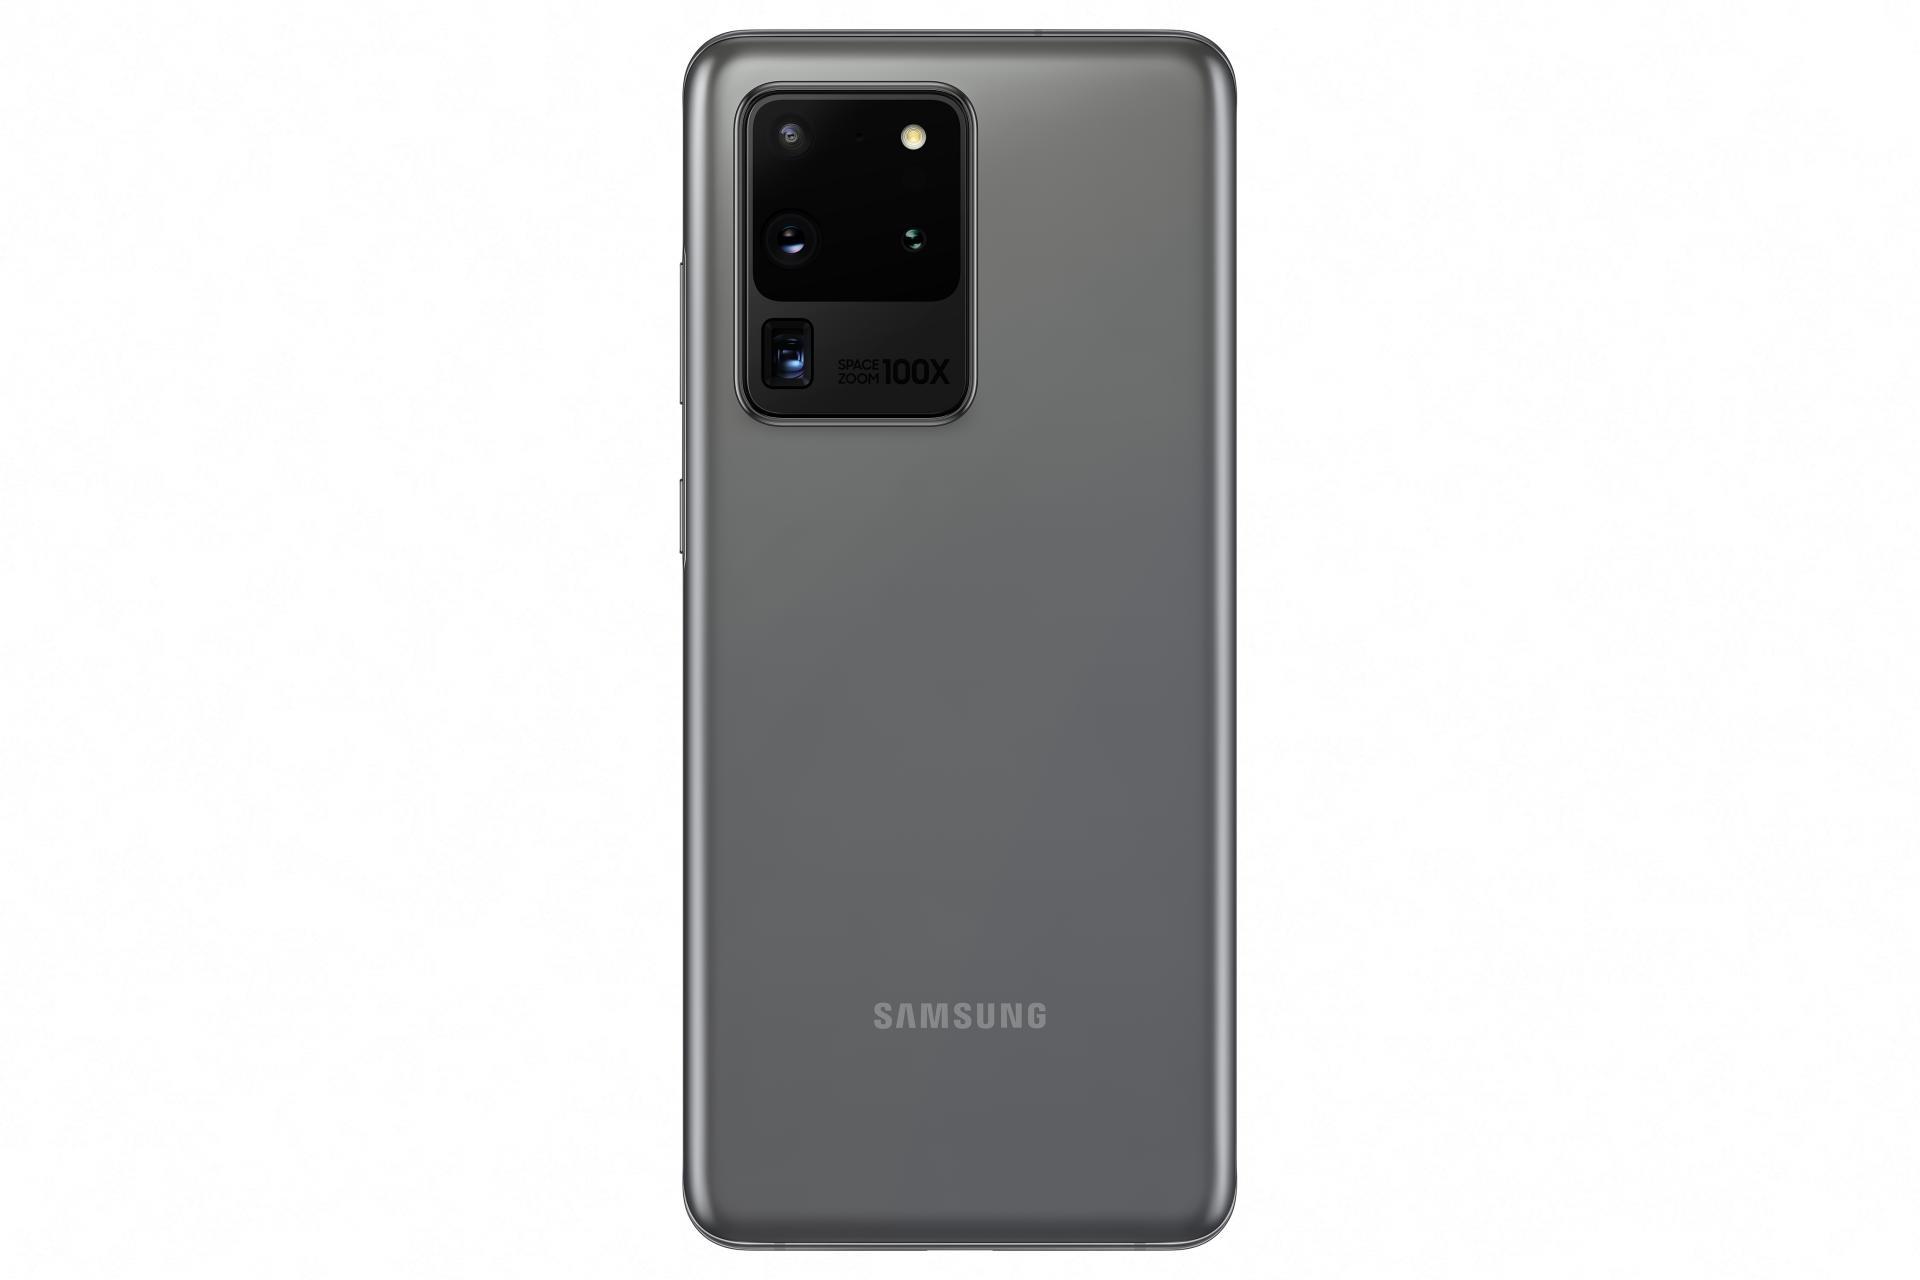 100 тысяч рублей заSamsung Galaxy S20 Ultra. Готовы заплатить?